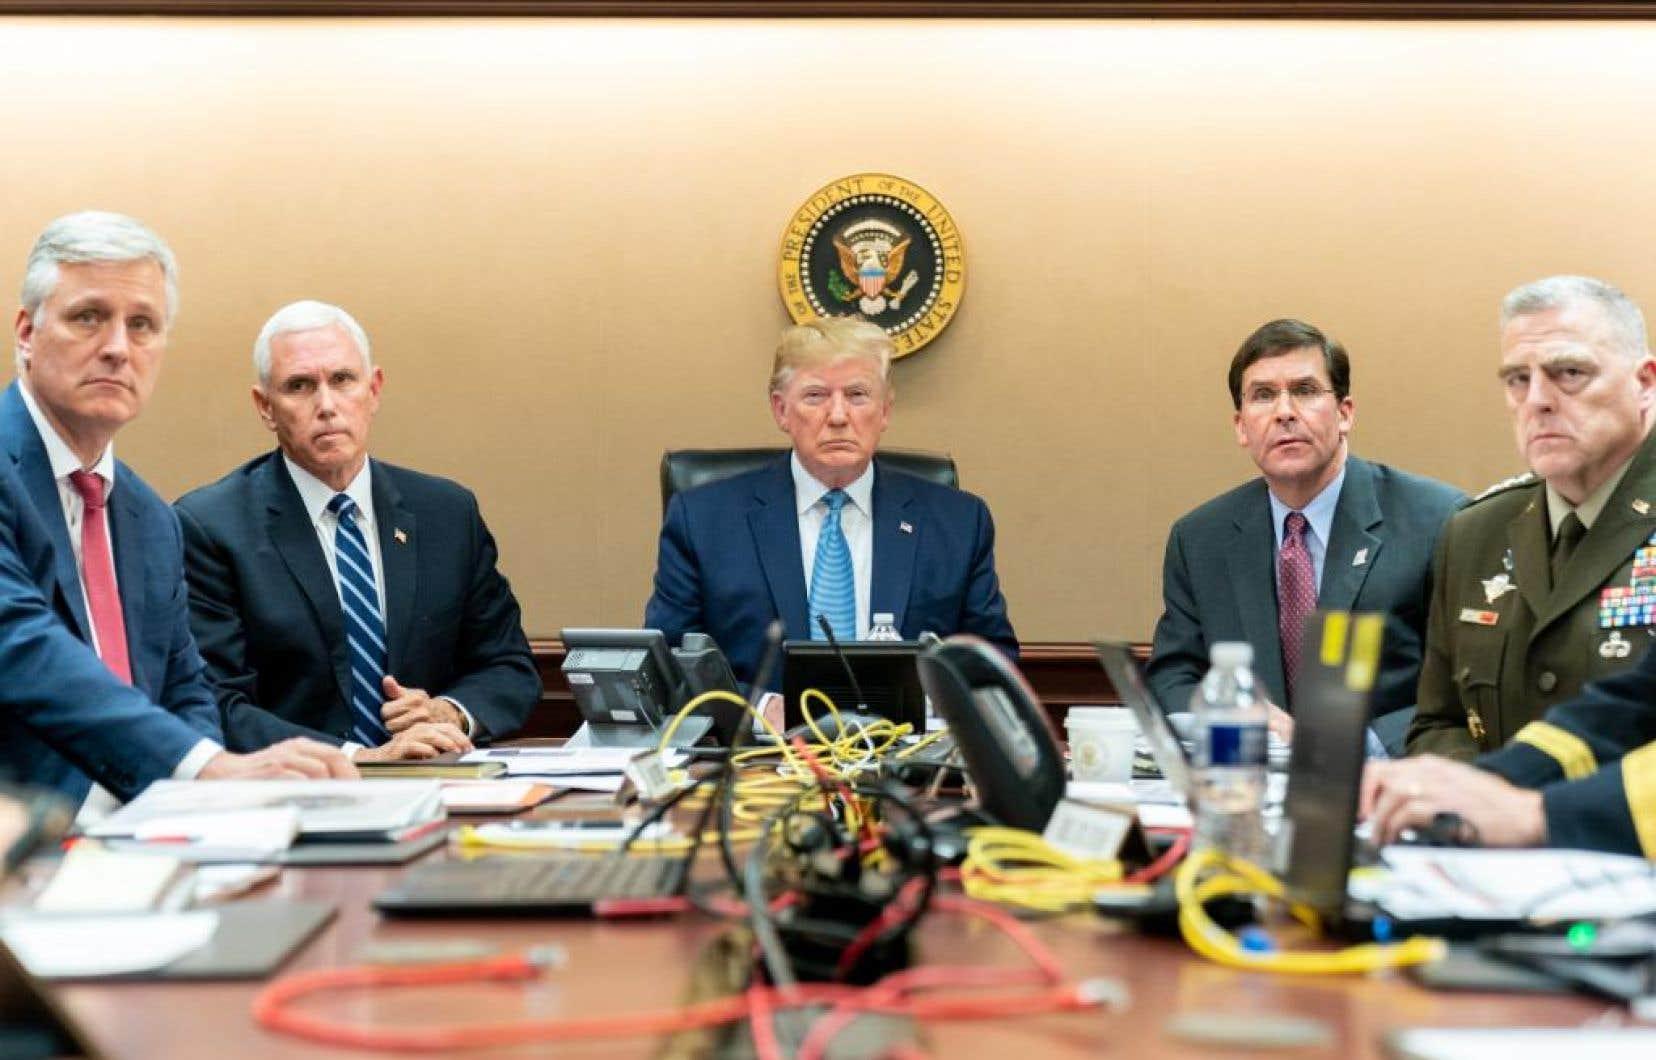 Le président des États-Unis, Donald Trump, visionnant l'opération militaire en Syrie à partir de la Maison-Blanche